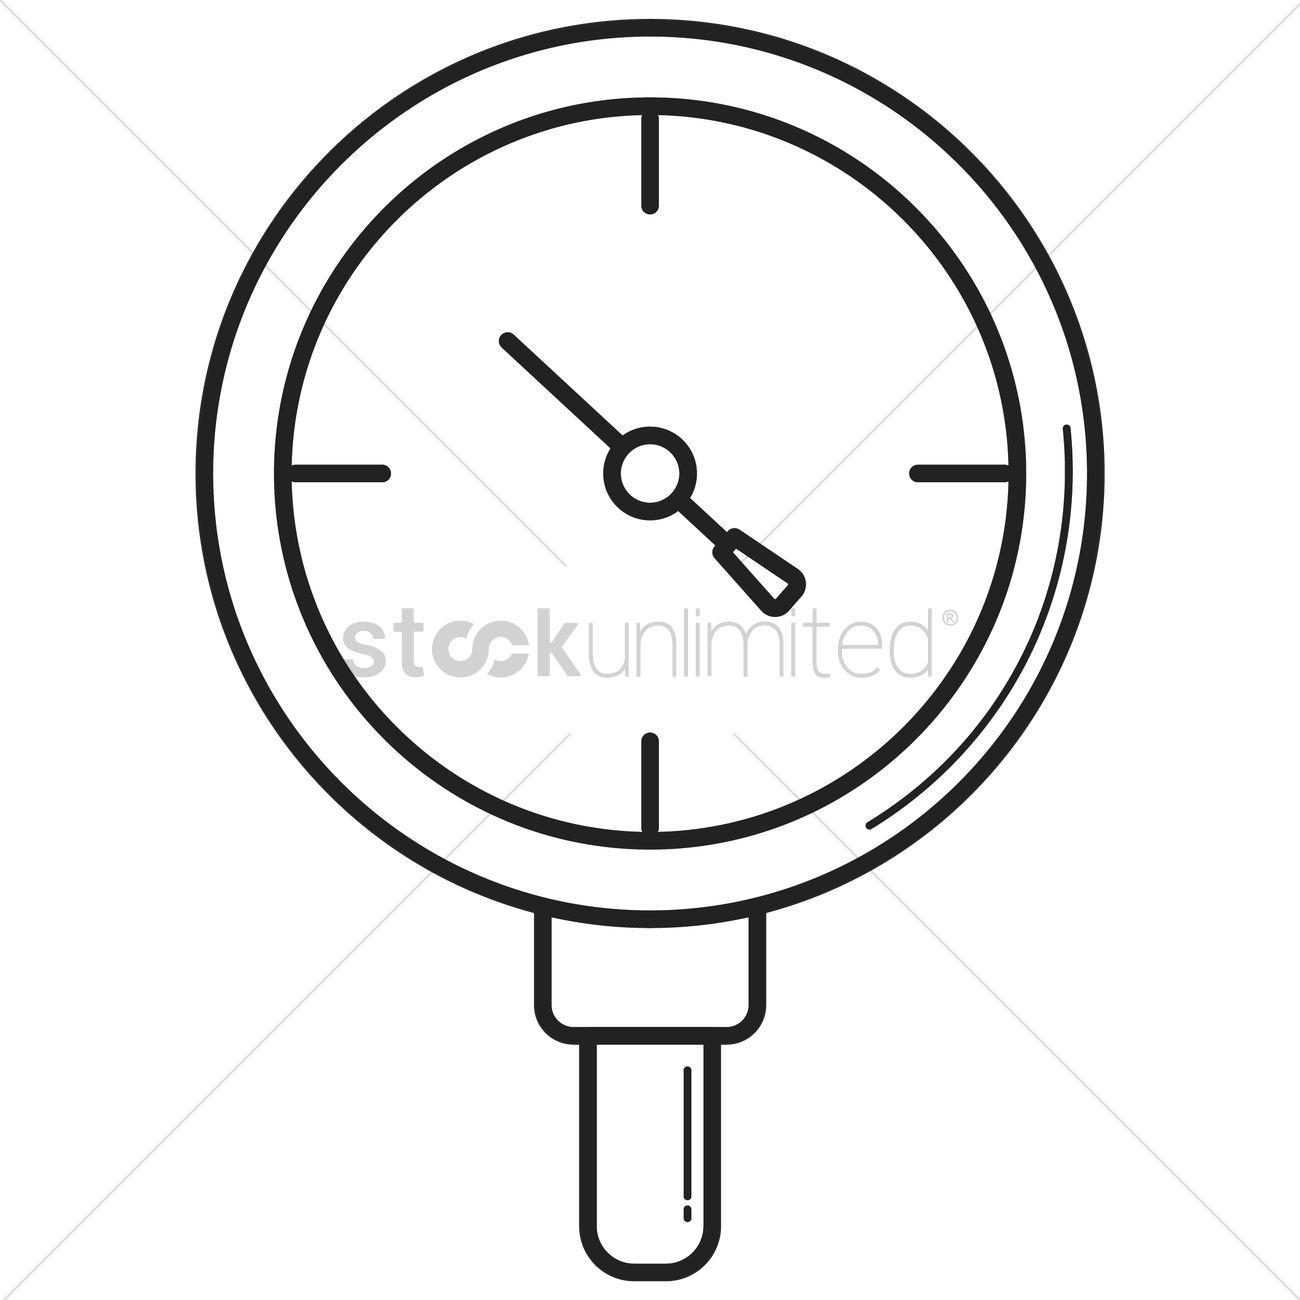 Pressure gauge stock vector